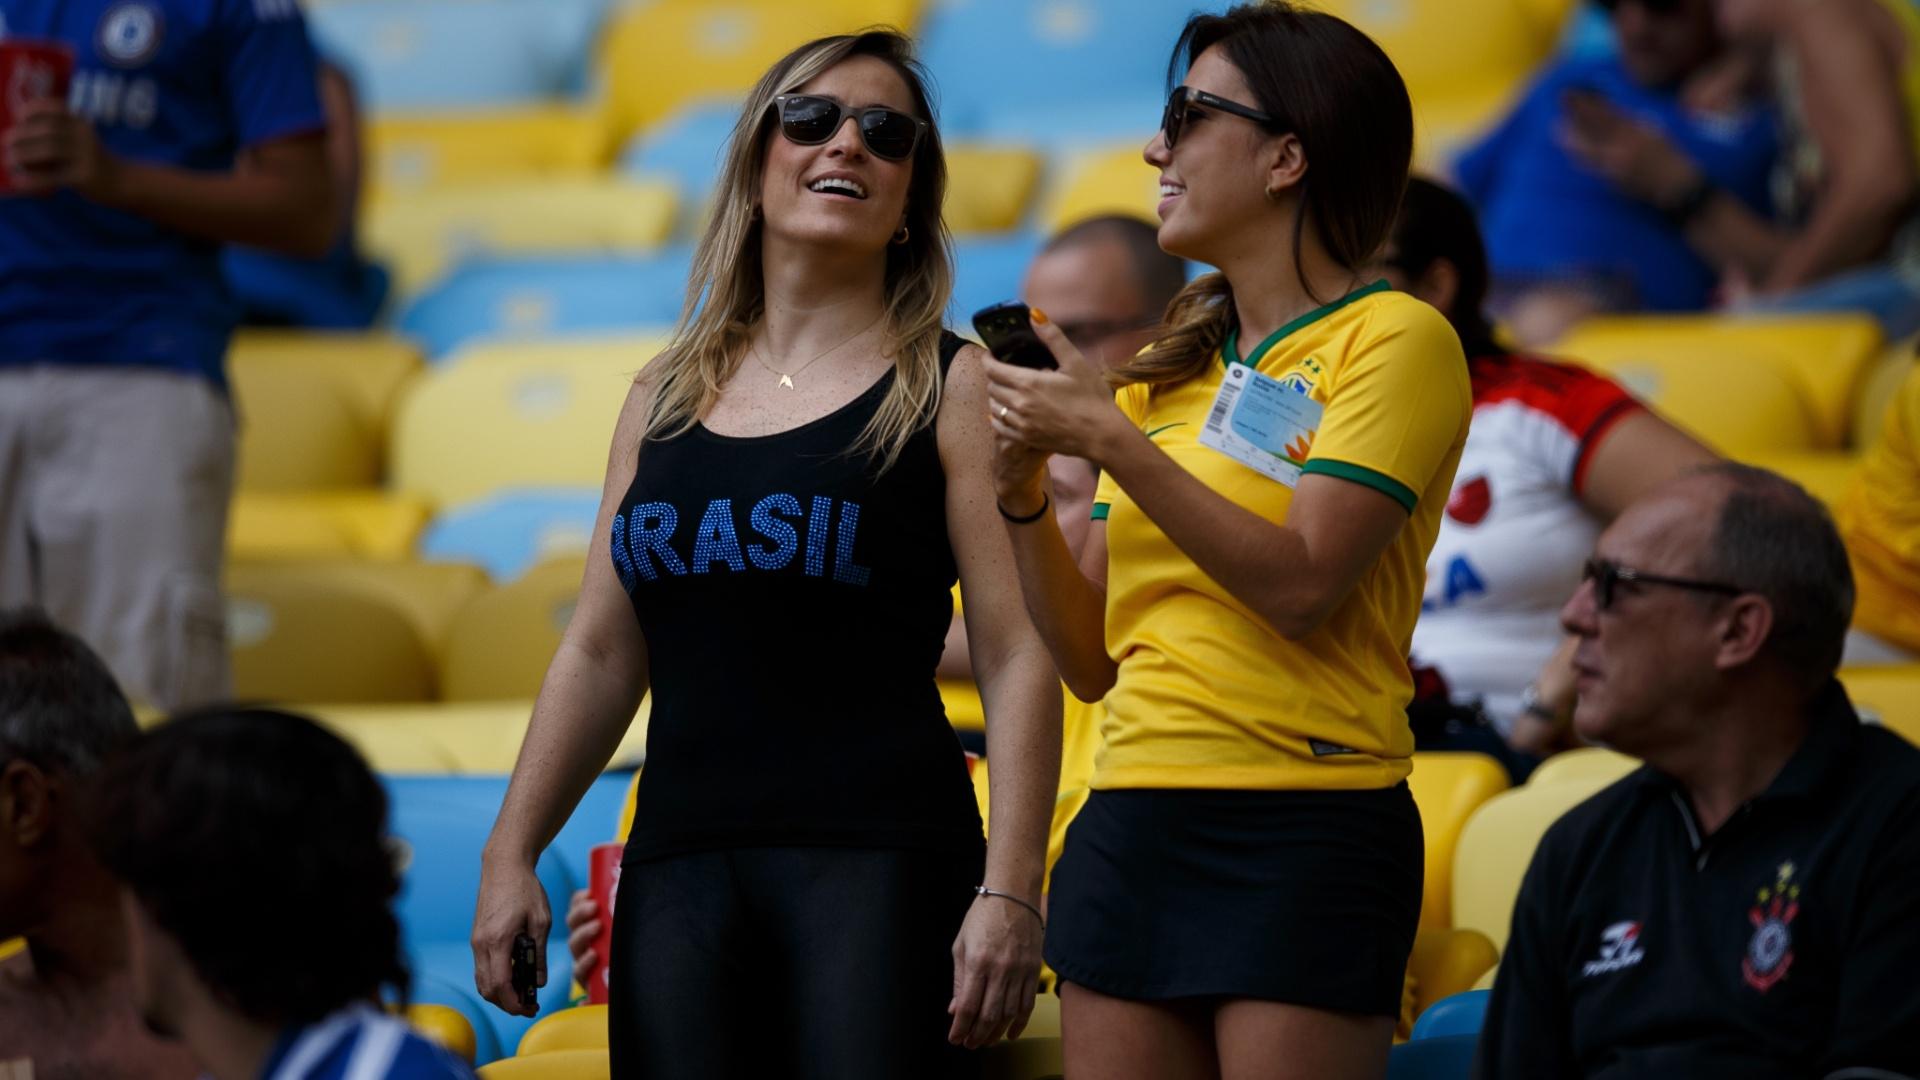 A beleza brasileira também esteve representada no Maracanã para o jogo entre Rússia e Bélgica